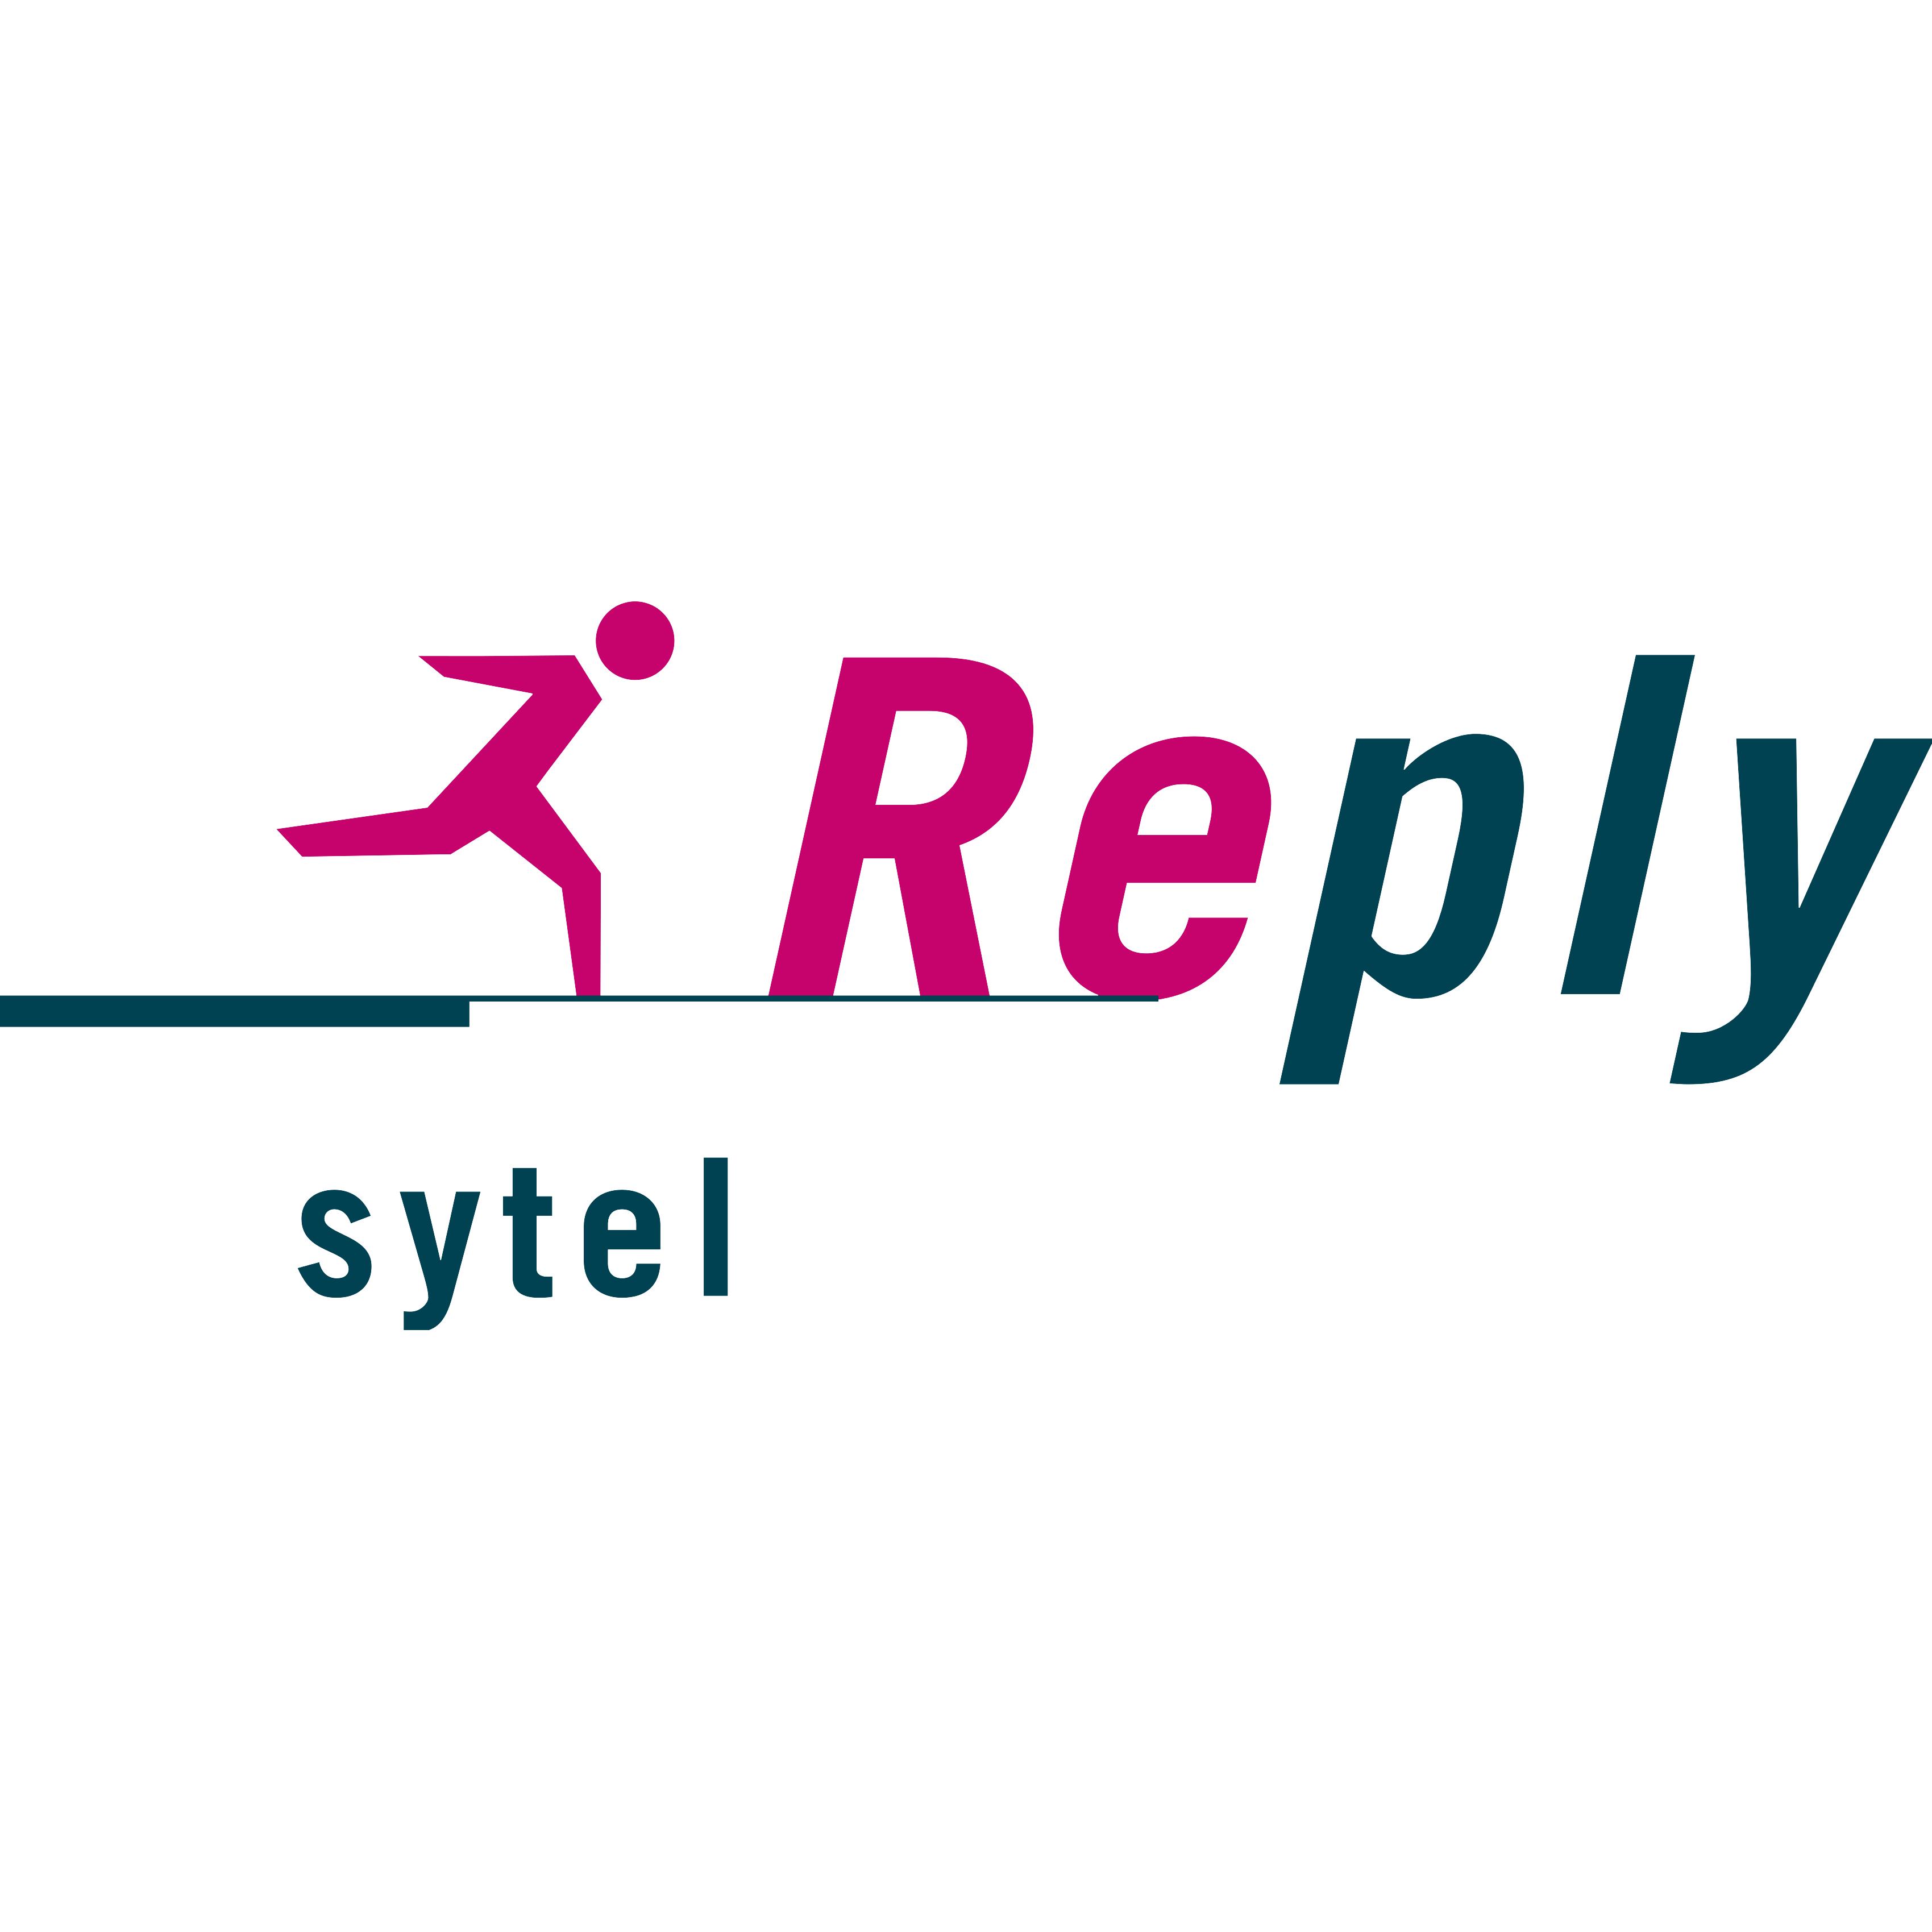 SytelReply_Positive_PNG